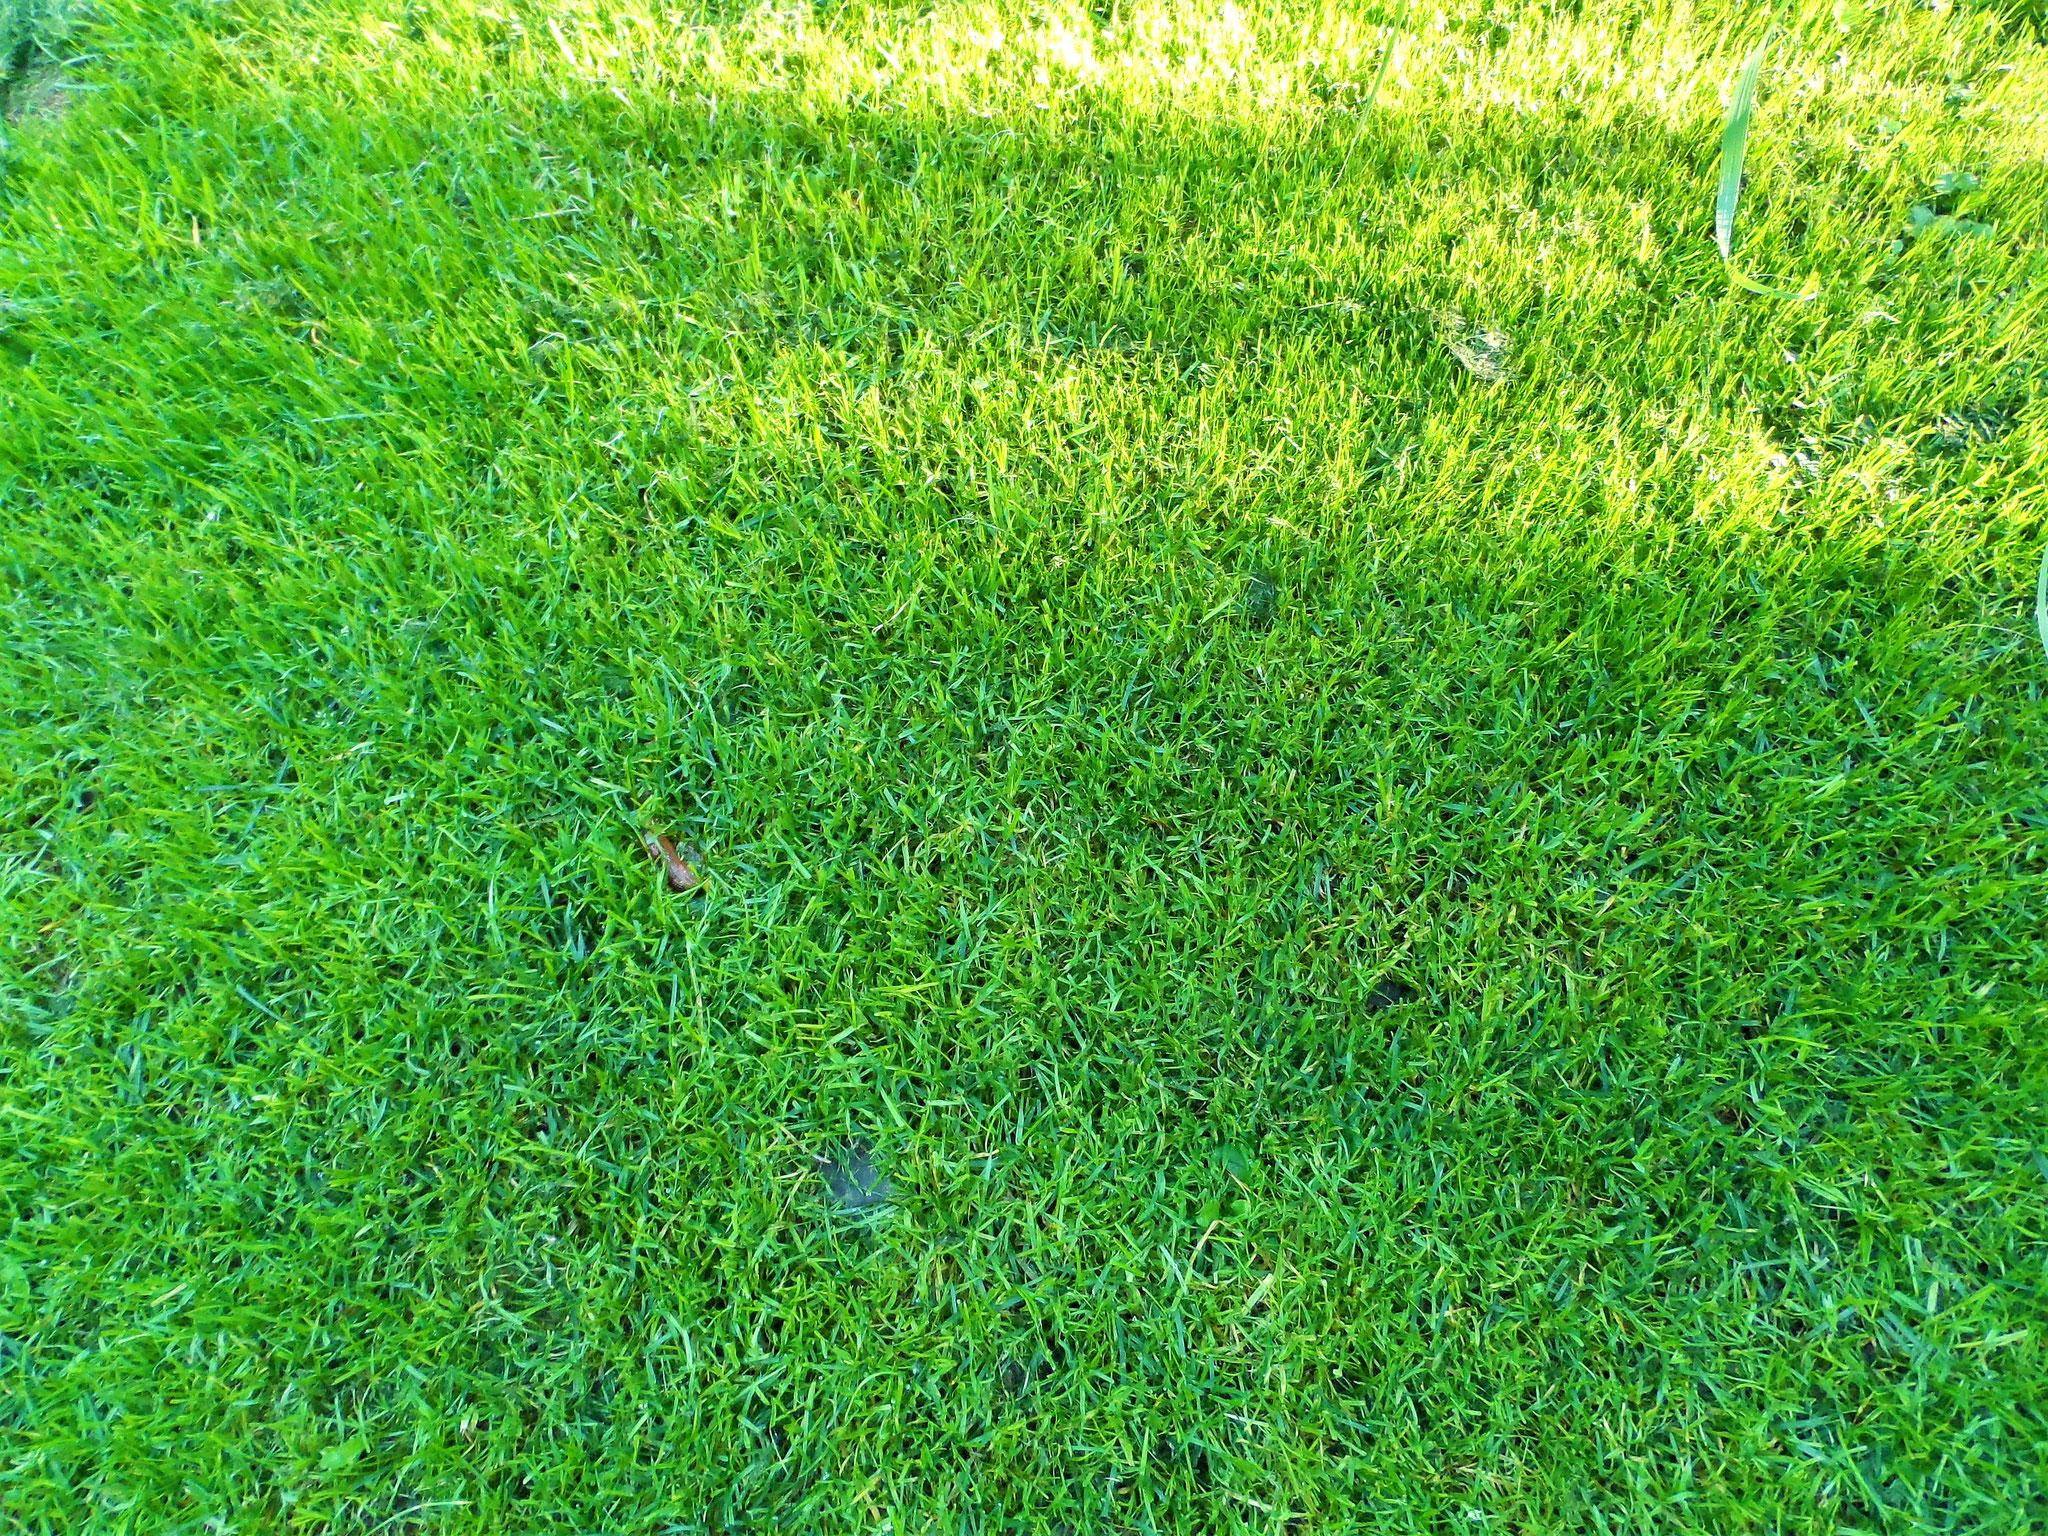 ... und jetzt schöner dichter, grüner Rasen